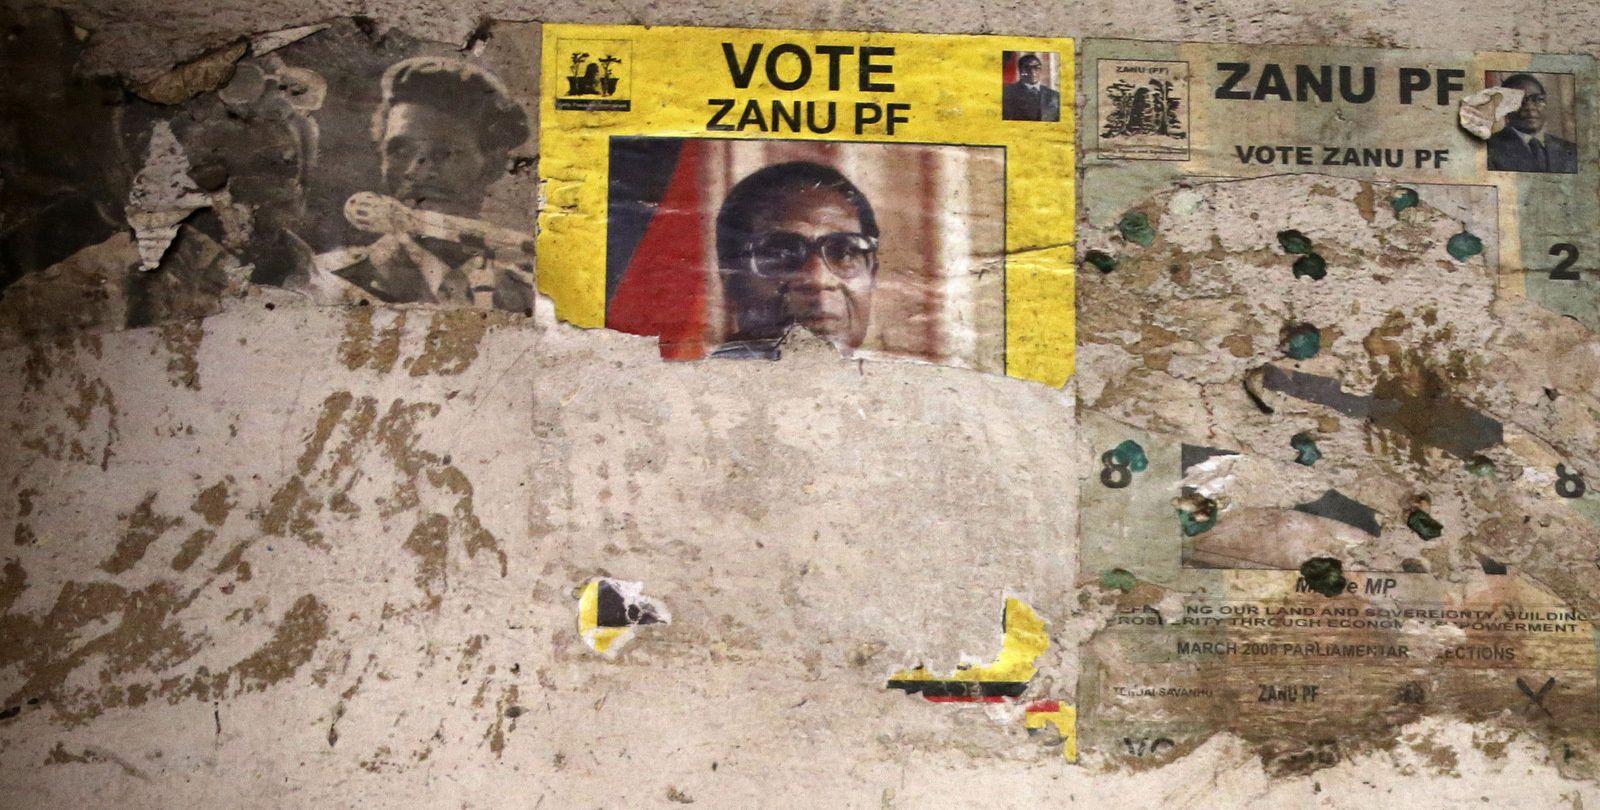 """Photo du haut   Une affiche électorale de la campagne électorale Zanu Pf 2008 sur le mur d'un vieux bâtiment délabré dans la banlieue de Mbara à Harare, vendredi 17 novembre 2017. L'armée zimbabwéenne affirme qu'elle réalise des """" progrès notables """" dans les pourparlers avec le président Robert Mugabe en vue de son départ alors qu'elle poursuit et arrête certains alliés du dirigeant et de son épouse. (AP Photo)"""